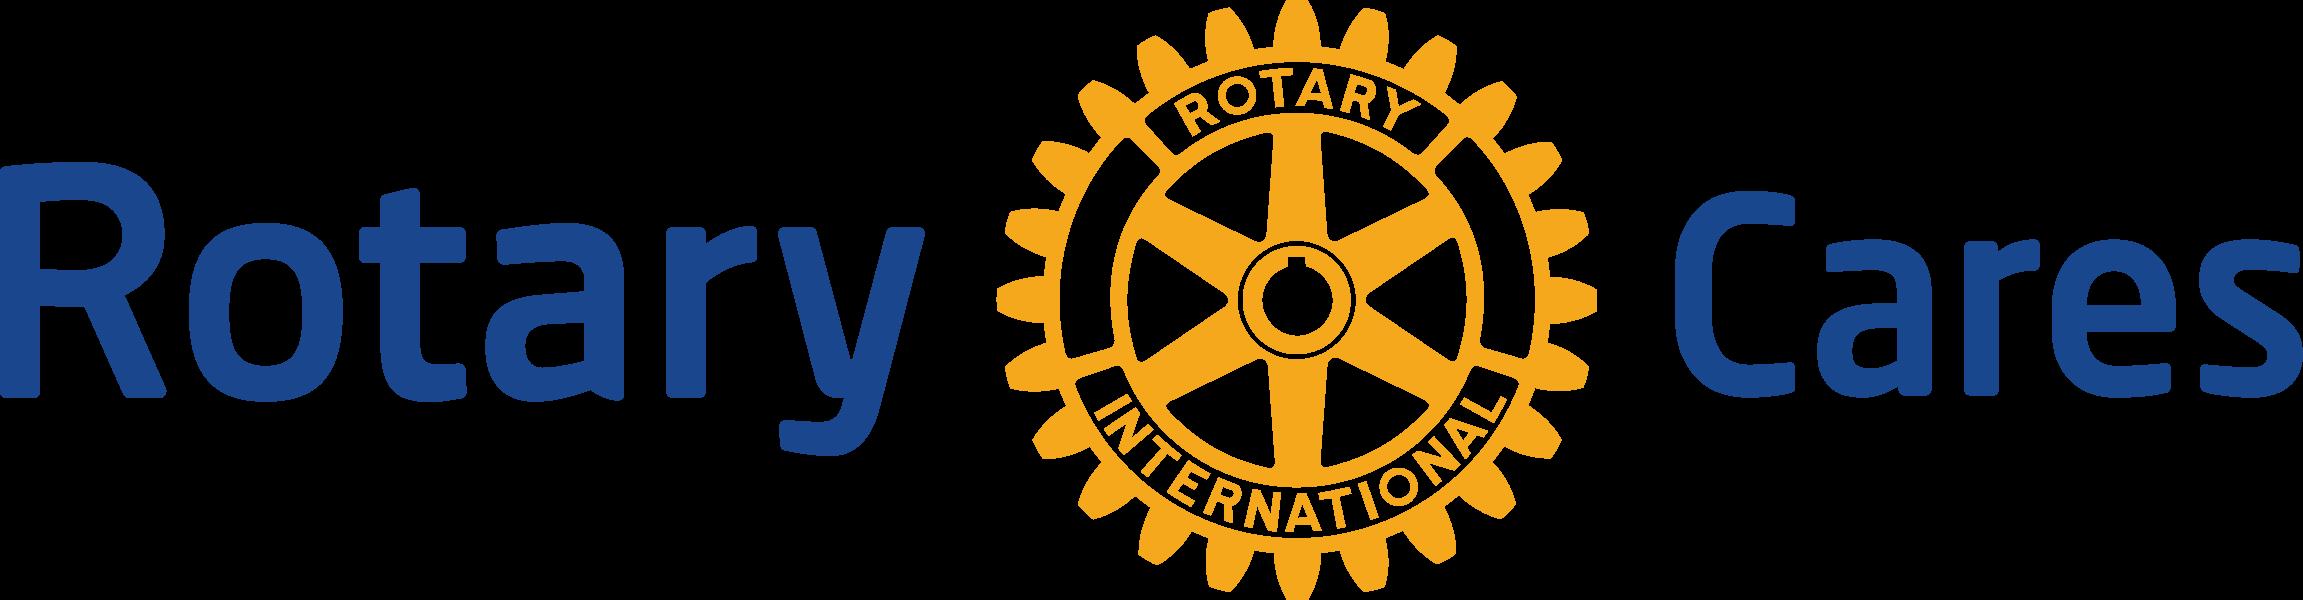 rotaryofficiallogo